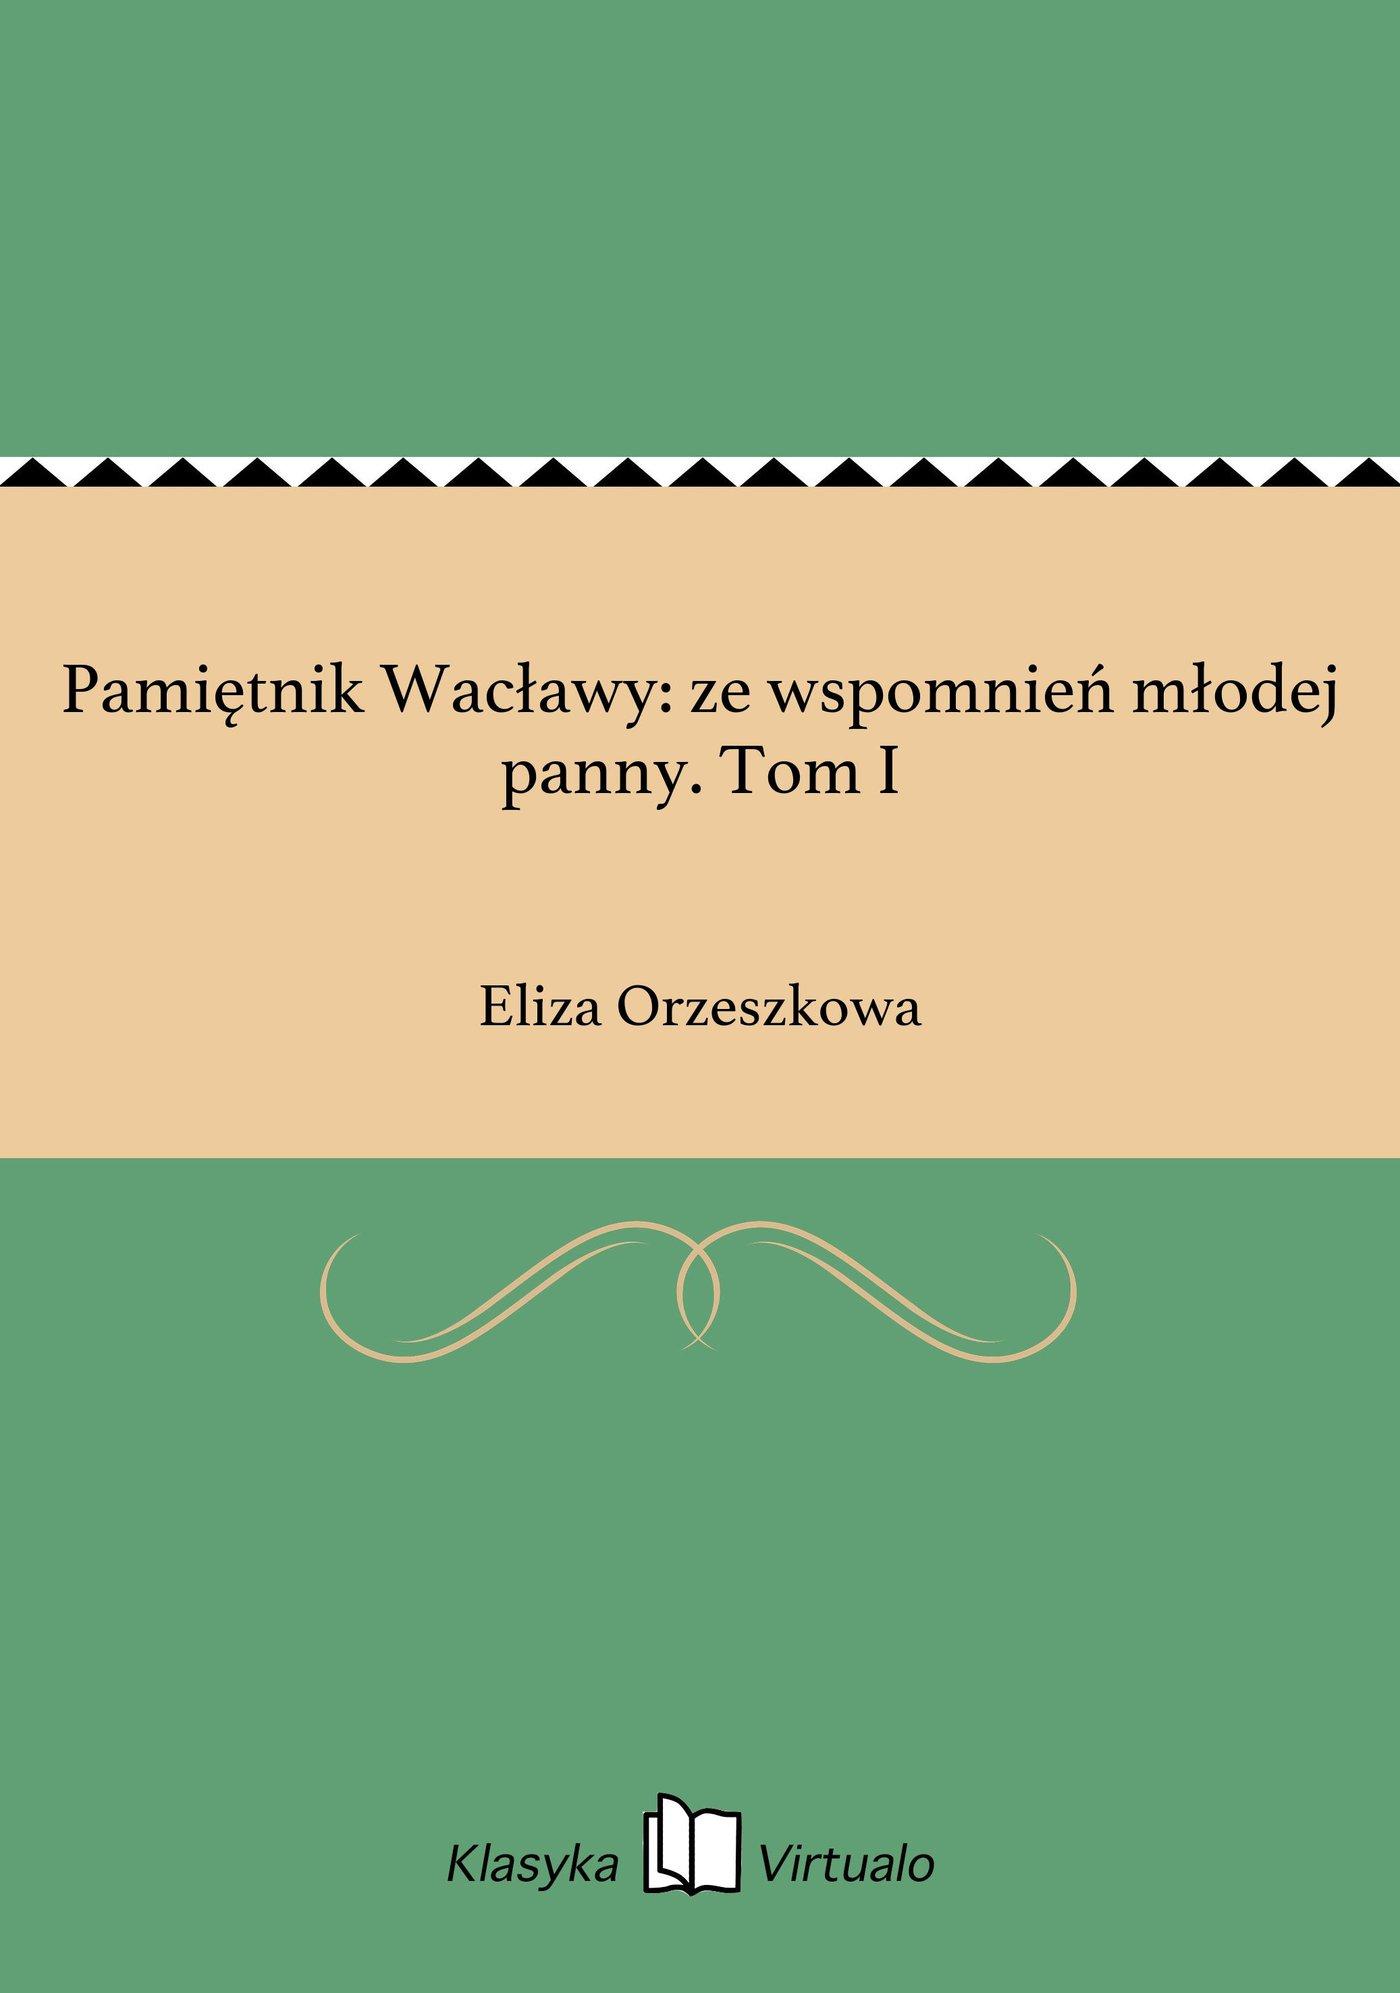 Pamiętnik Wacławy: ze wspomnień młodej panny. Tom I - Ebook (Książka EPUB) do pobrania w formacie EPUB